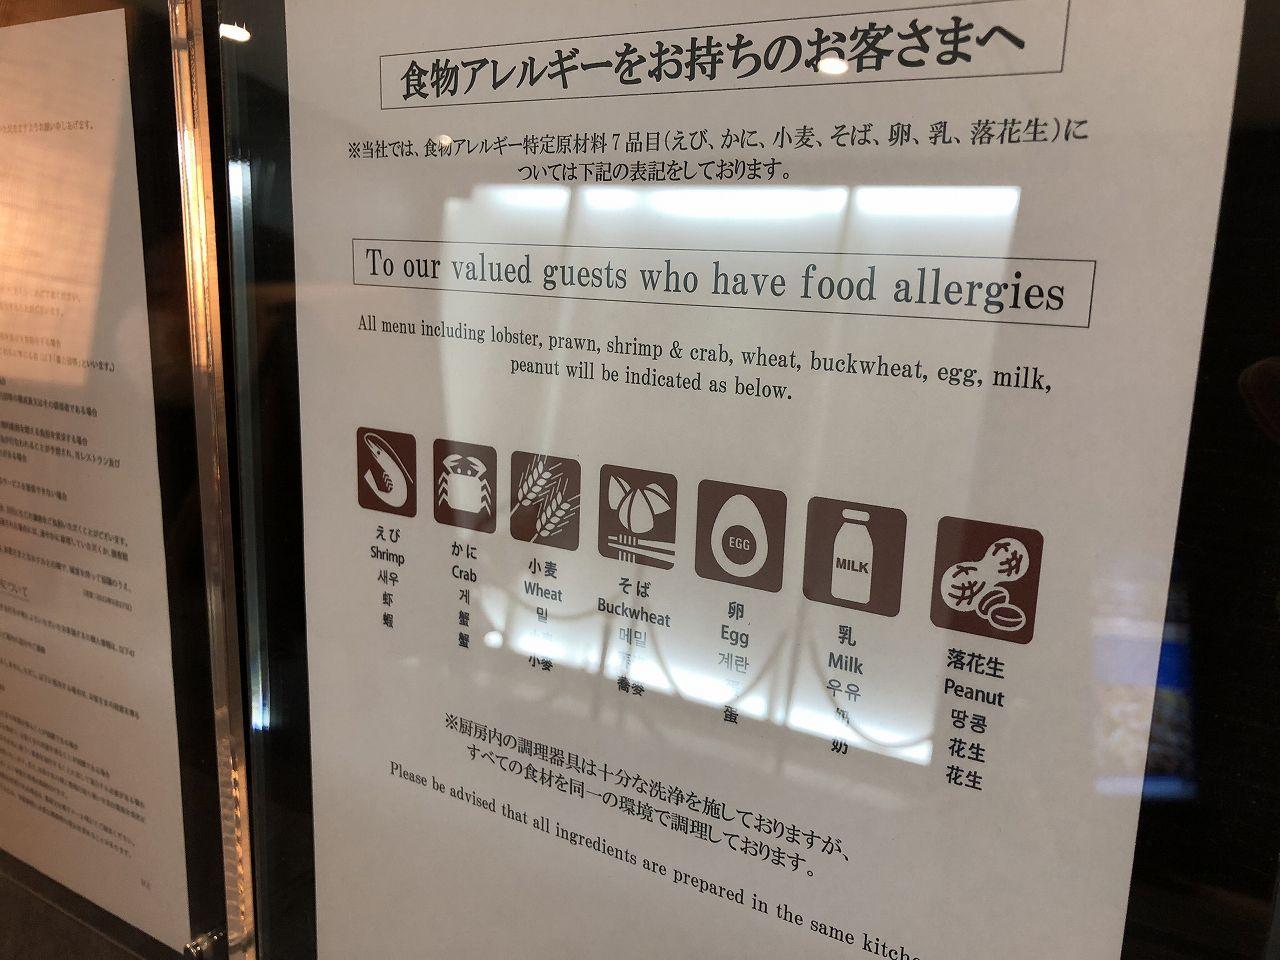 アレルギー表示